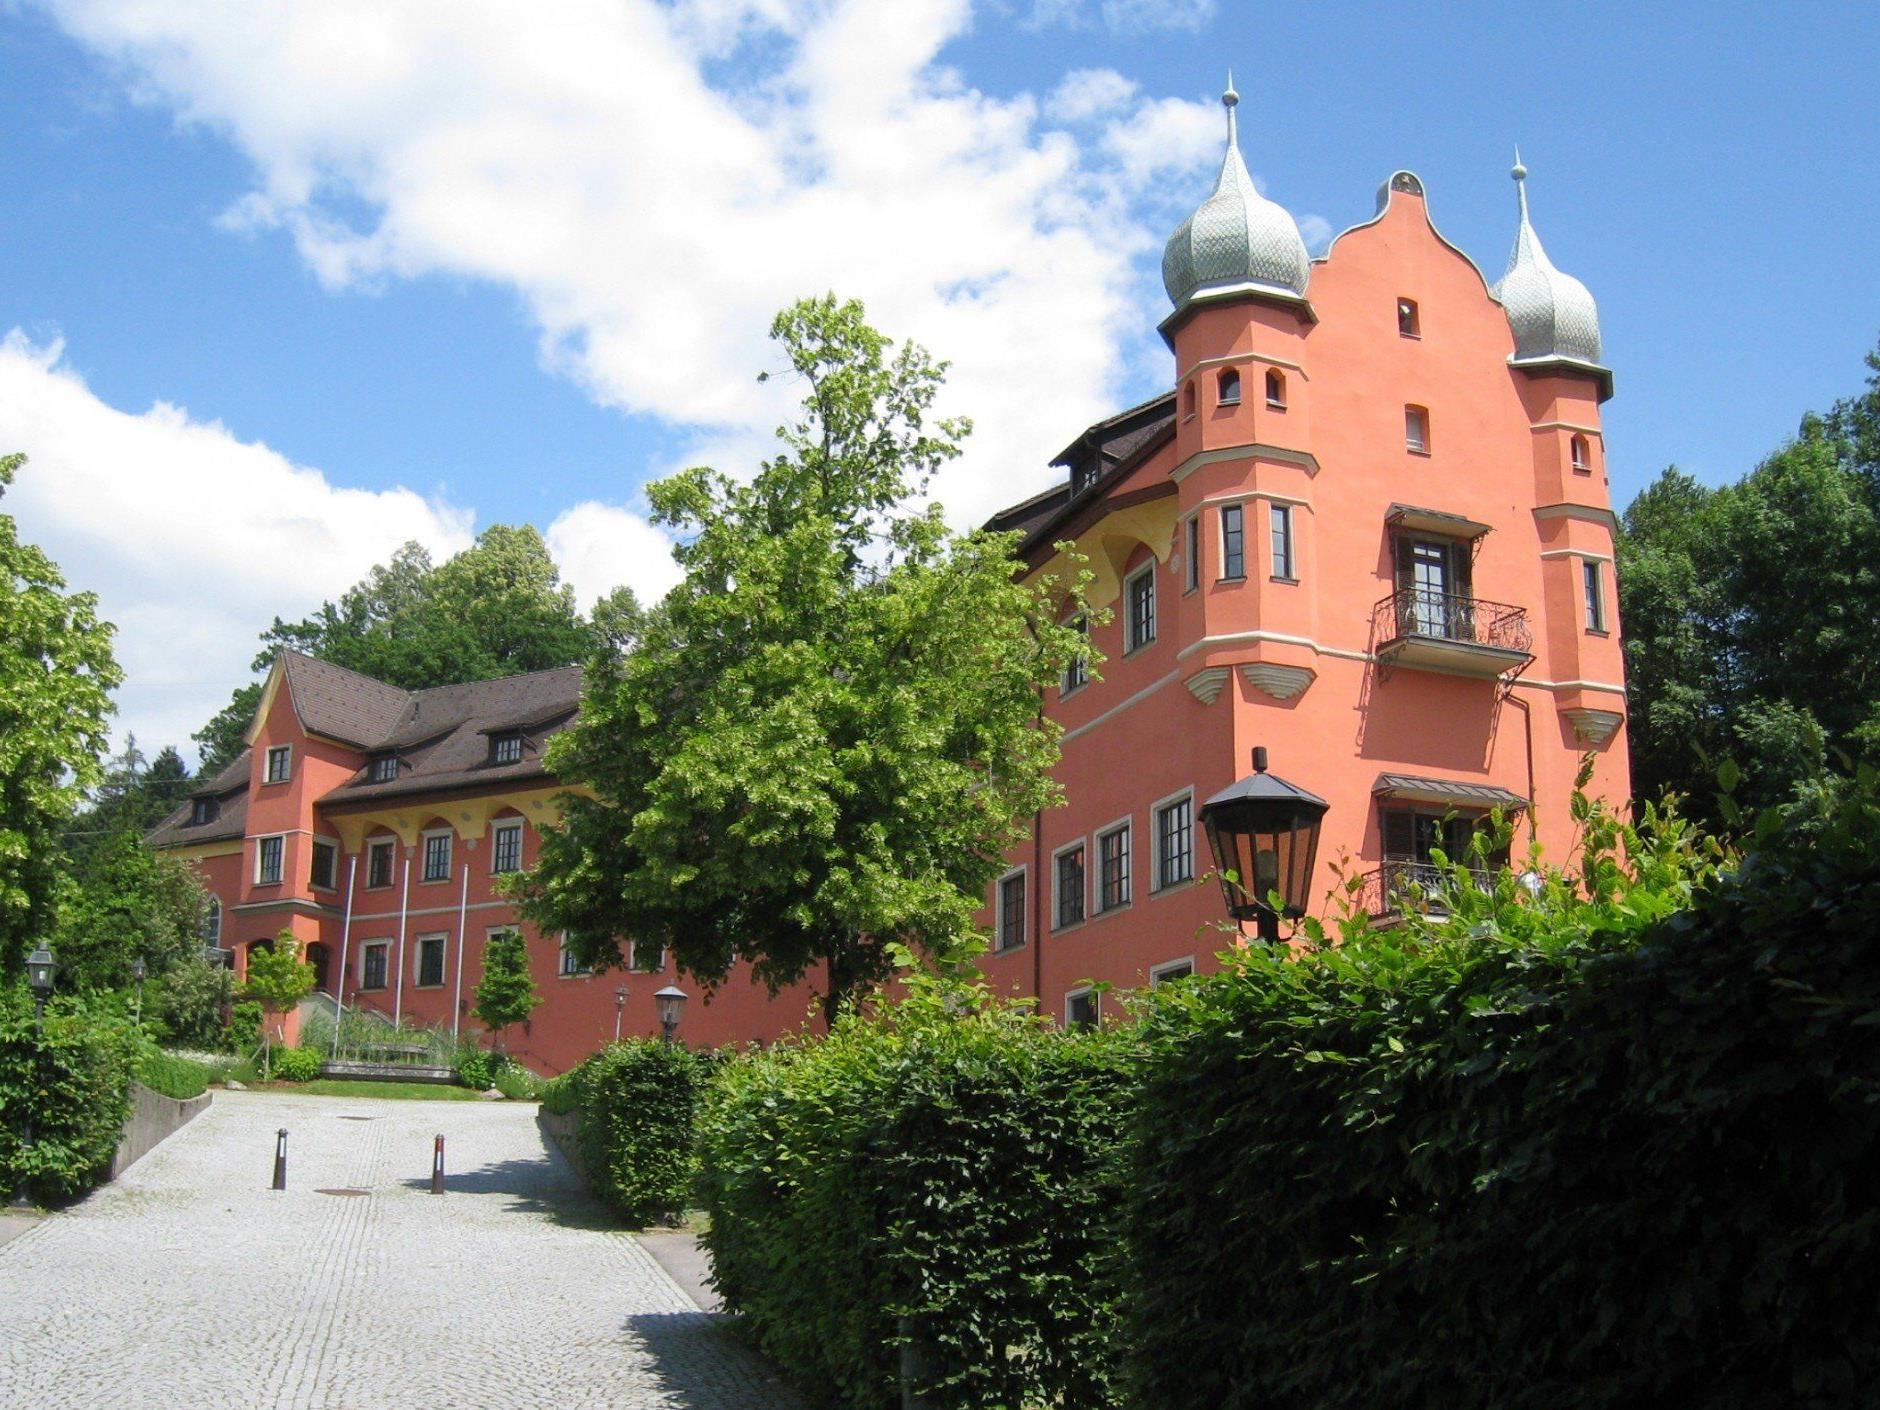 Die Frauensprecherinnen des Leiblachtales laden am Int. Frauentag Frauen und Männer zu einem besonderen Abend ins Schloss Hofen.